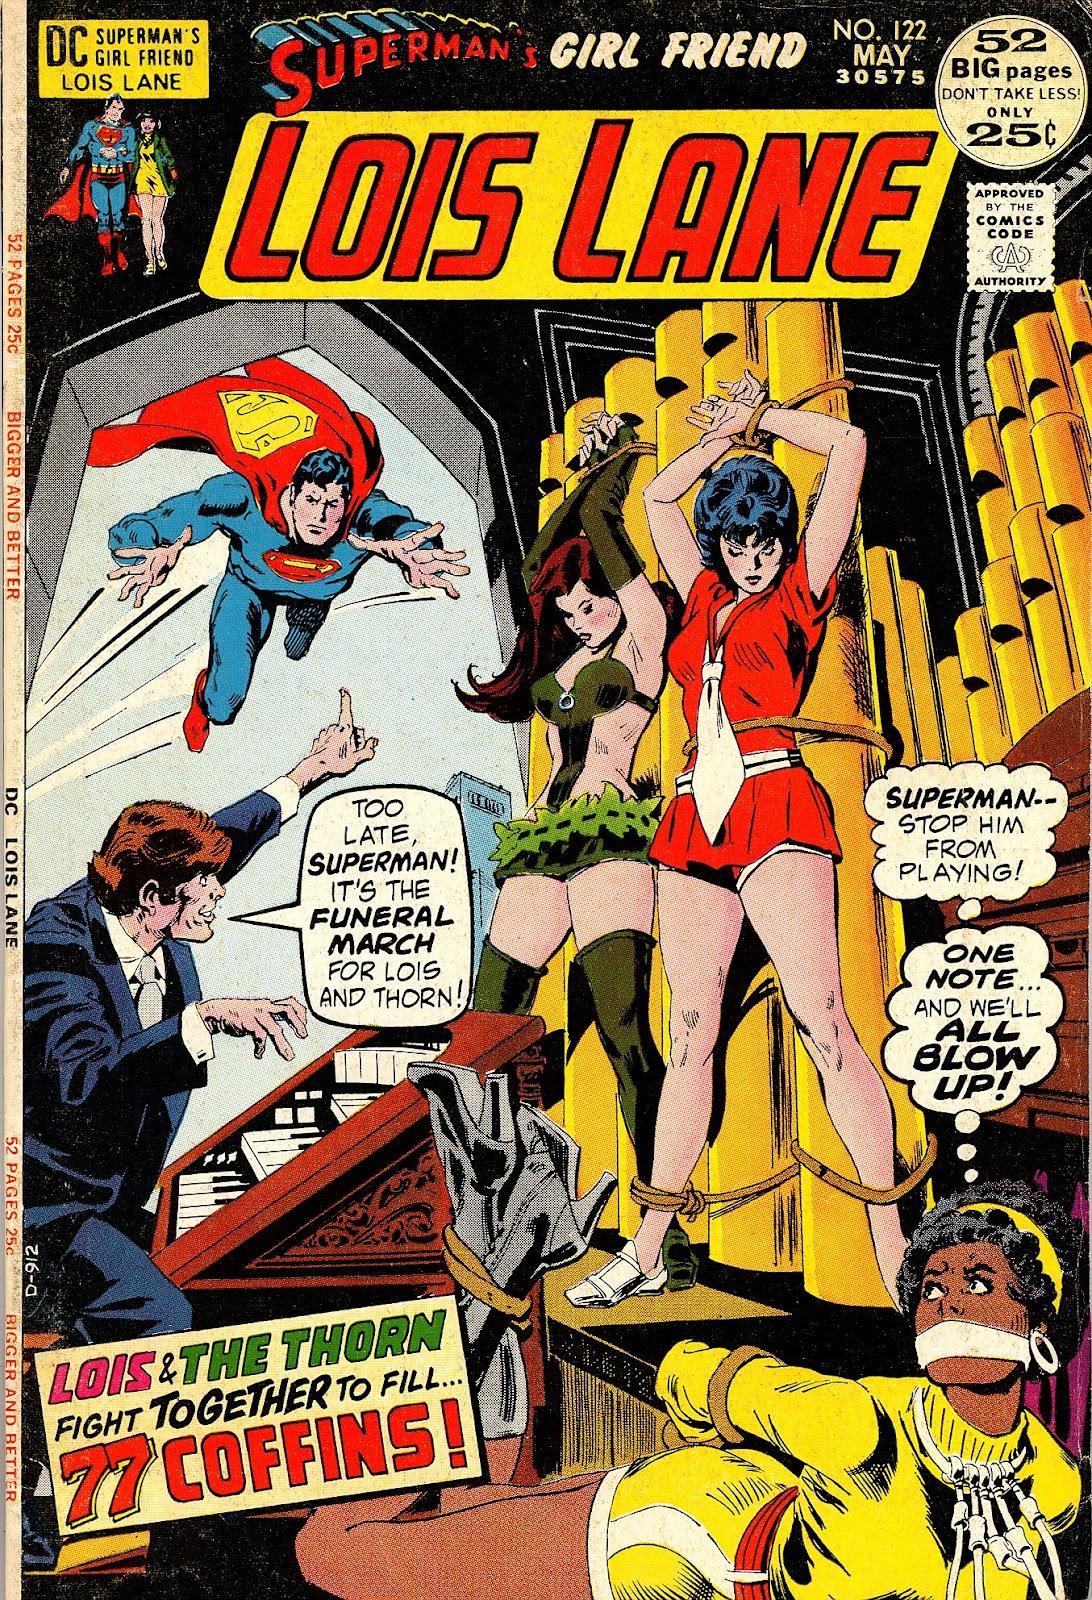 Supermans Girl Friend, Lois Lane 122 Page 1